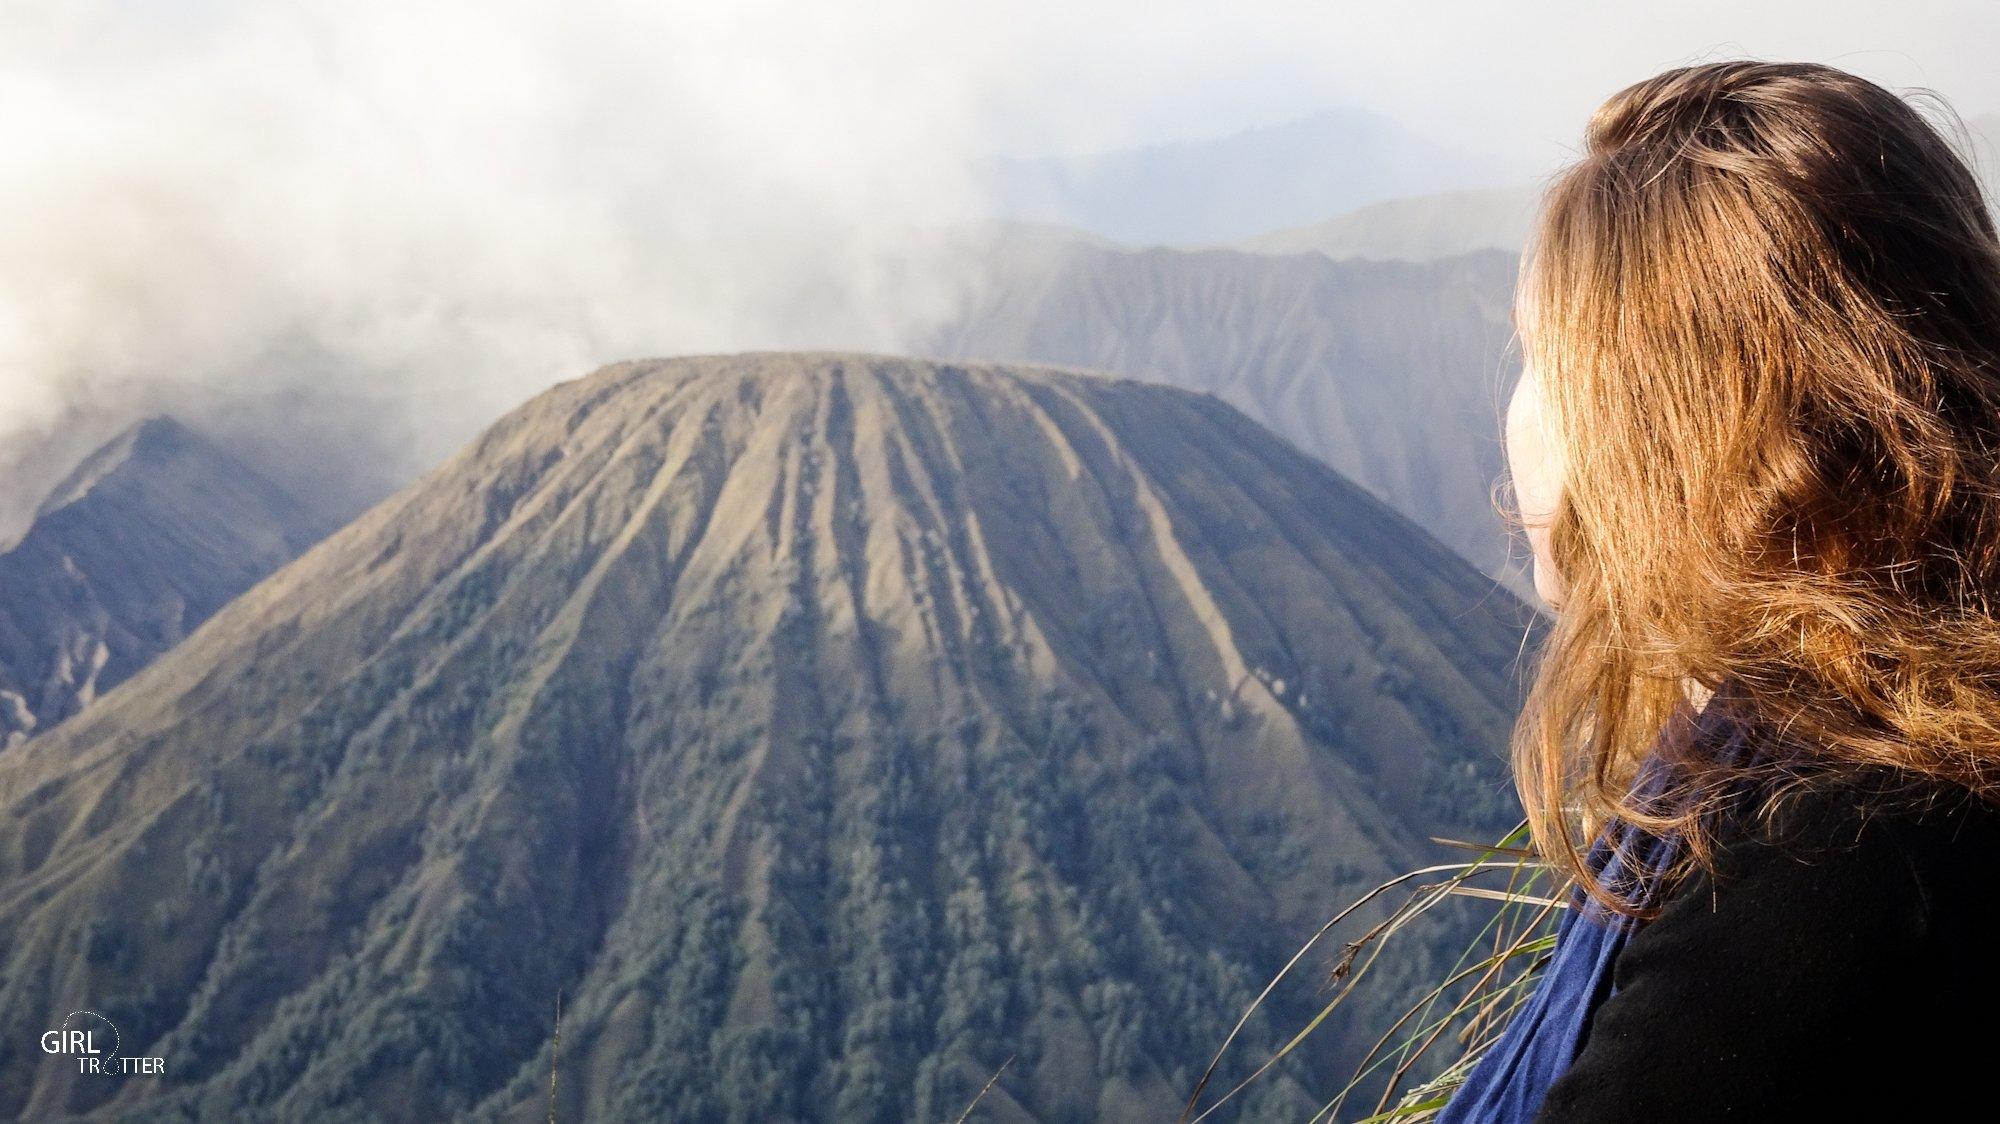 Le Volcan Bromo sur l'île de Java en Indonésie